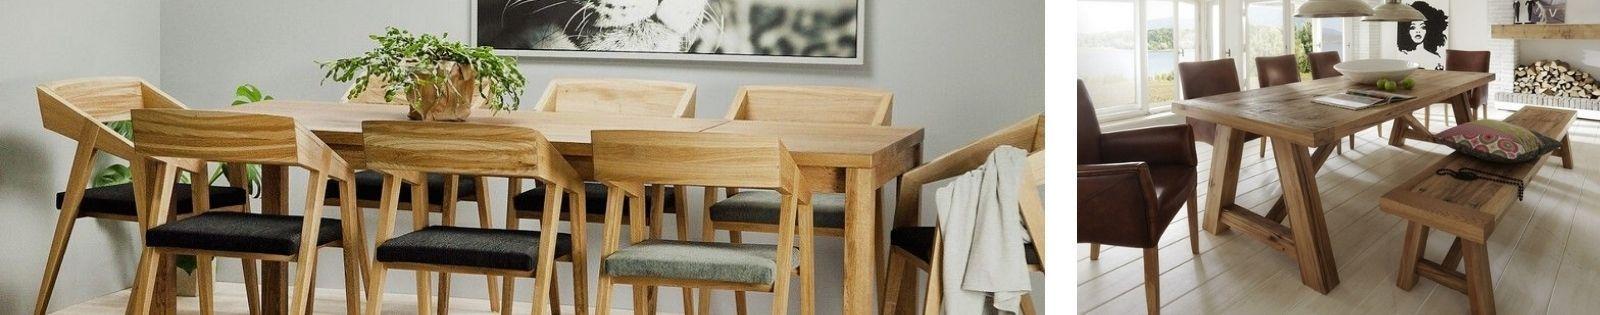 Table de salle à manger en bois massif : acacia, chêne, hévéa, teck...